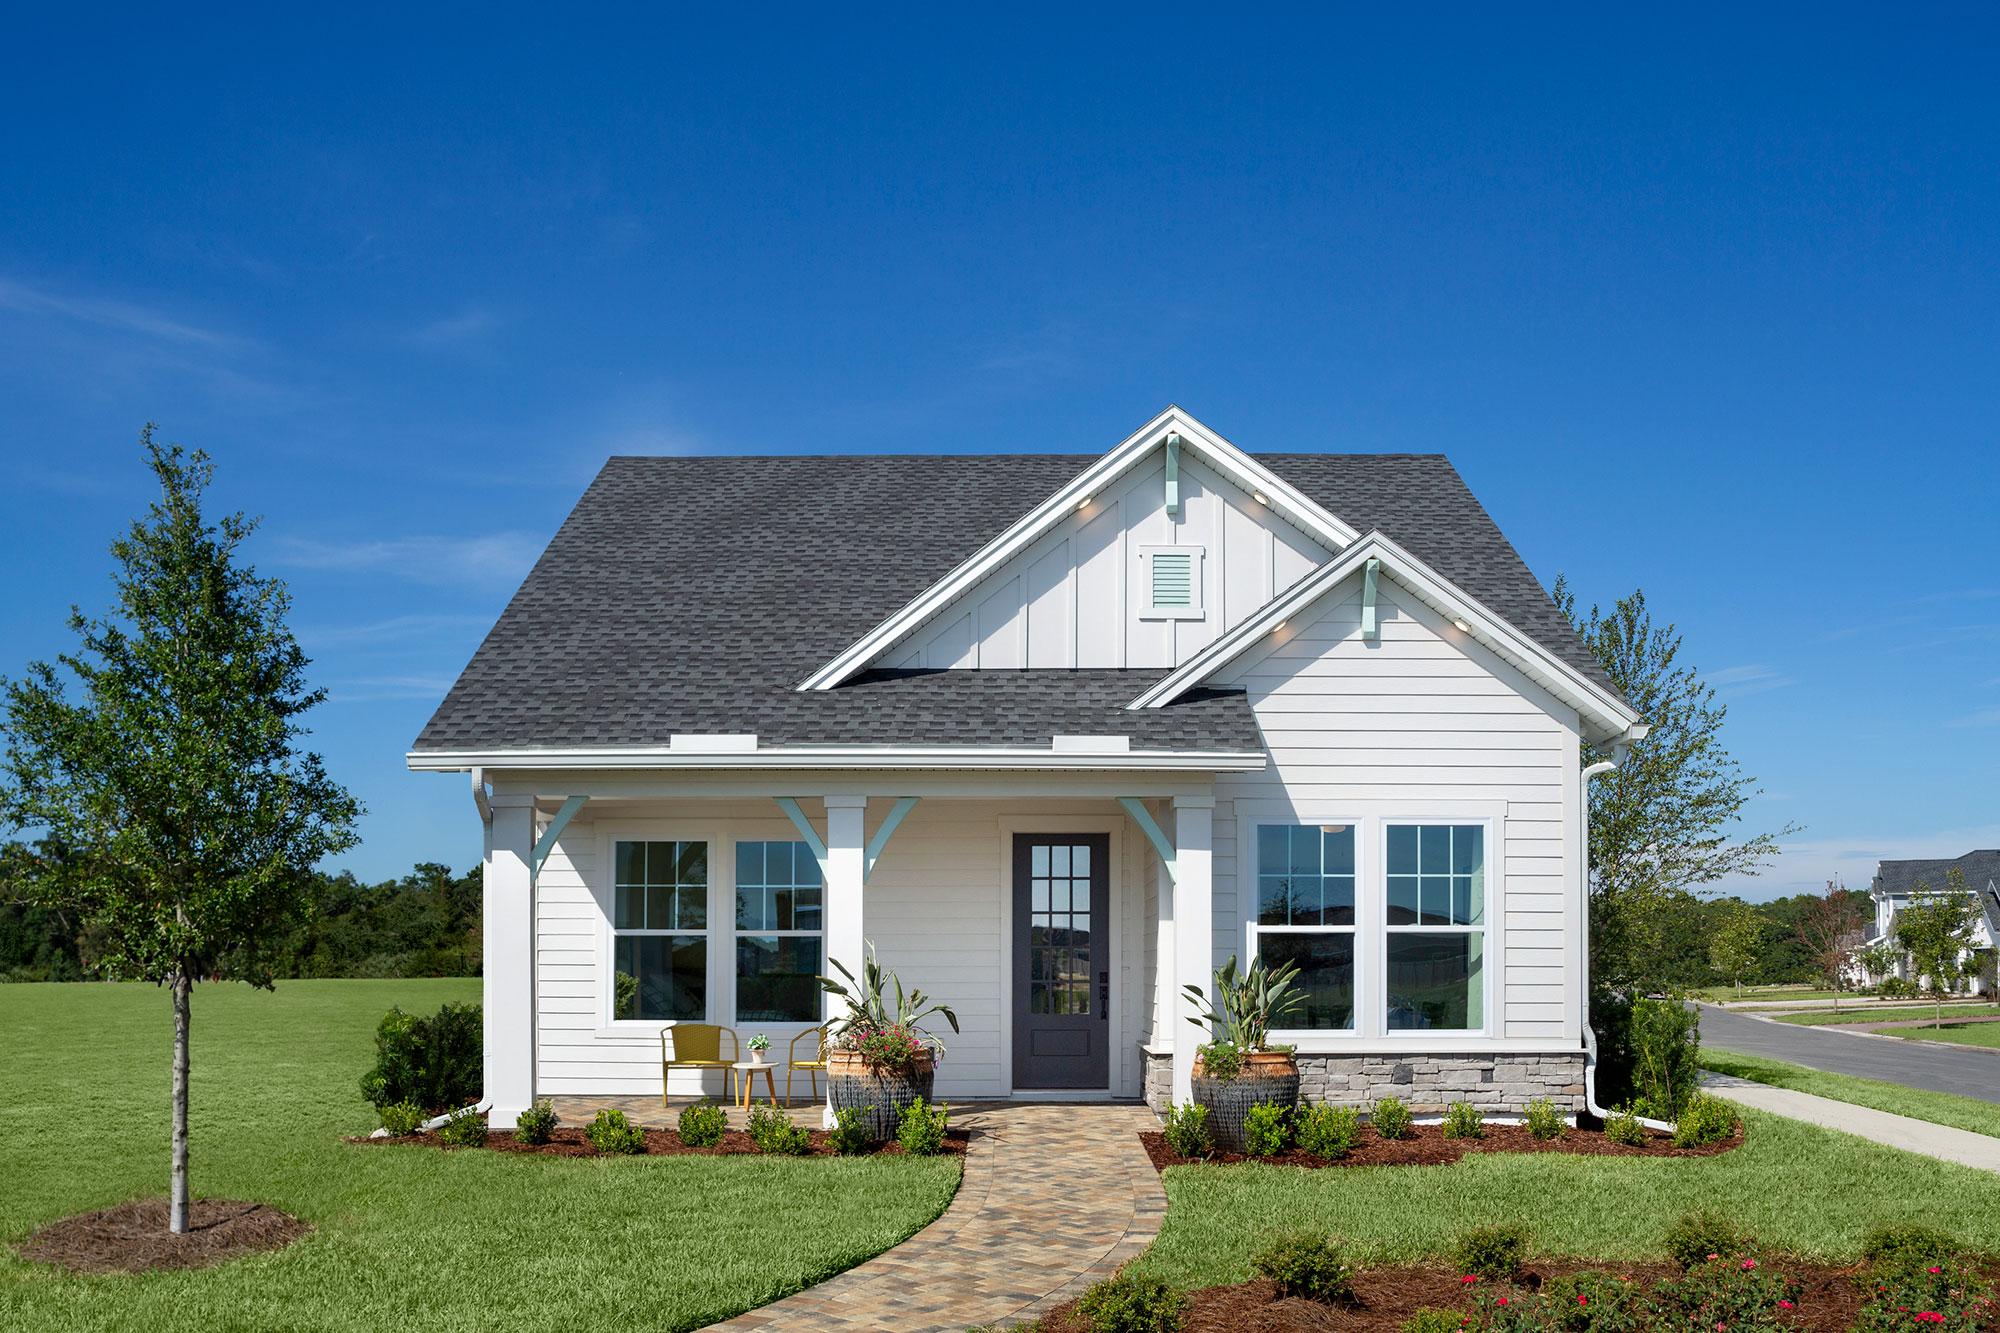 New Homes In Jacksonville Fl Home Builders David Weekley Homes